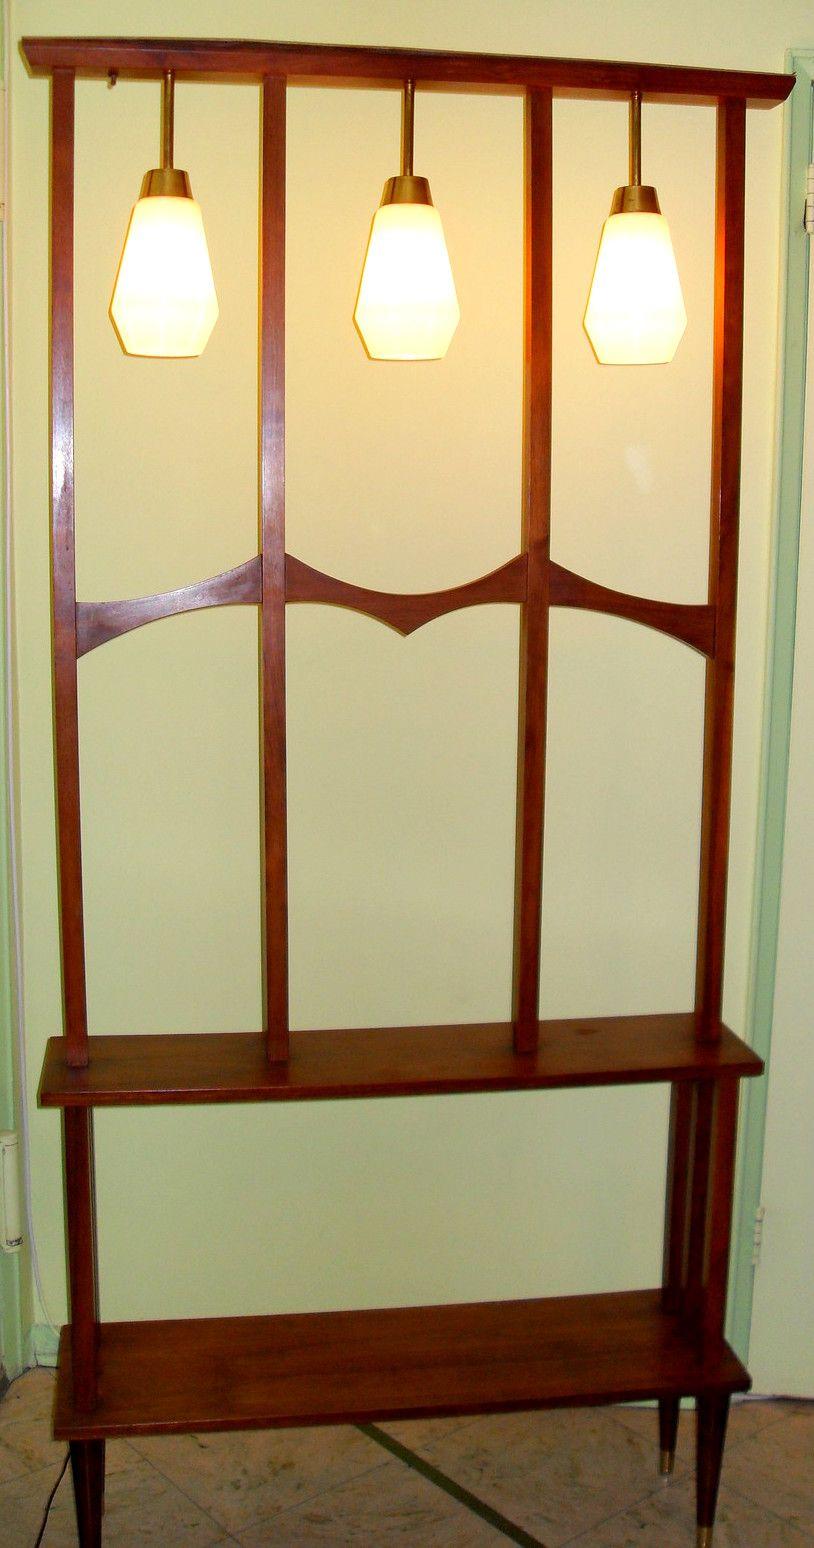 lighted room divider shelf mid century room dividers. Black Bedroom Furniture Sets. Home Design Ideas